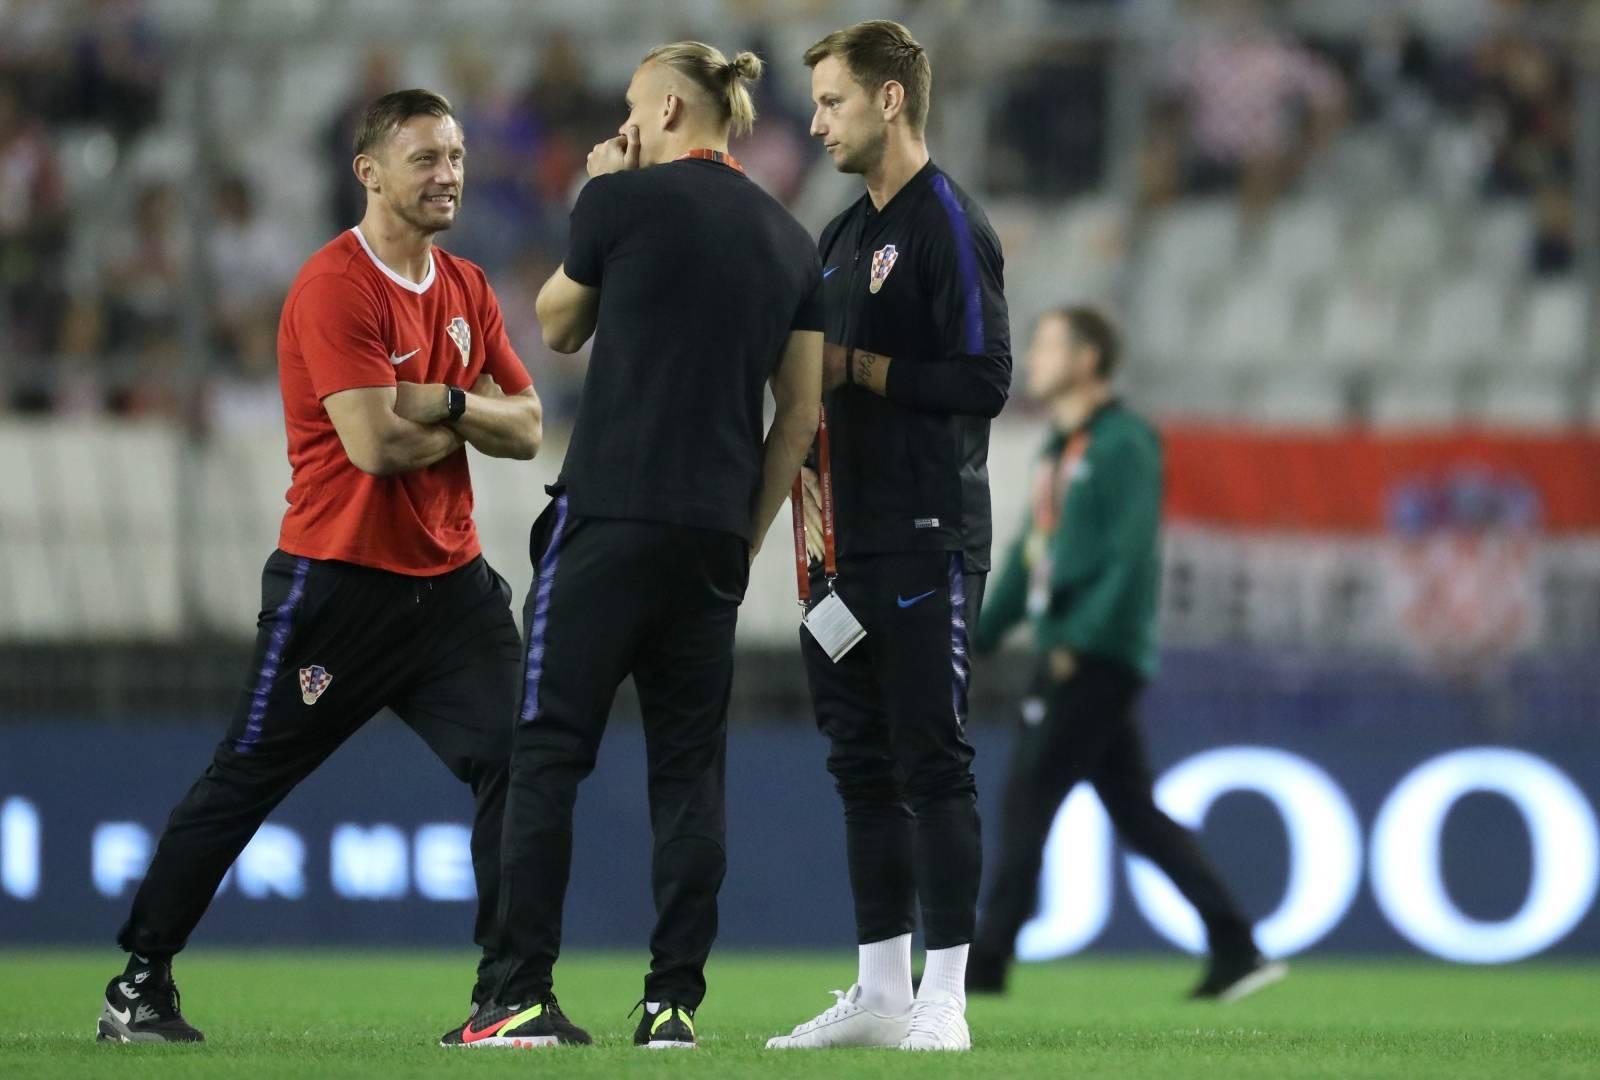 Igrači se pripremaju za susret Hrvatske i Madjarske u kvalifikacijama za EP